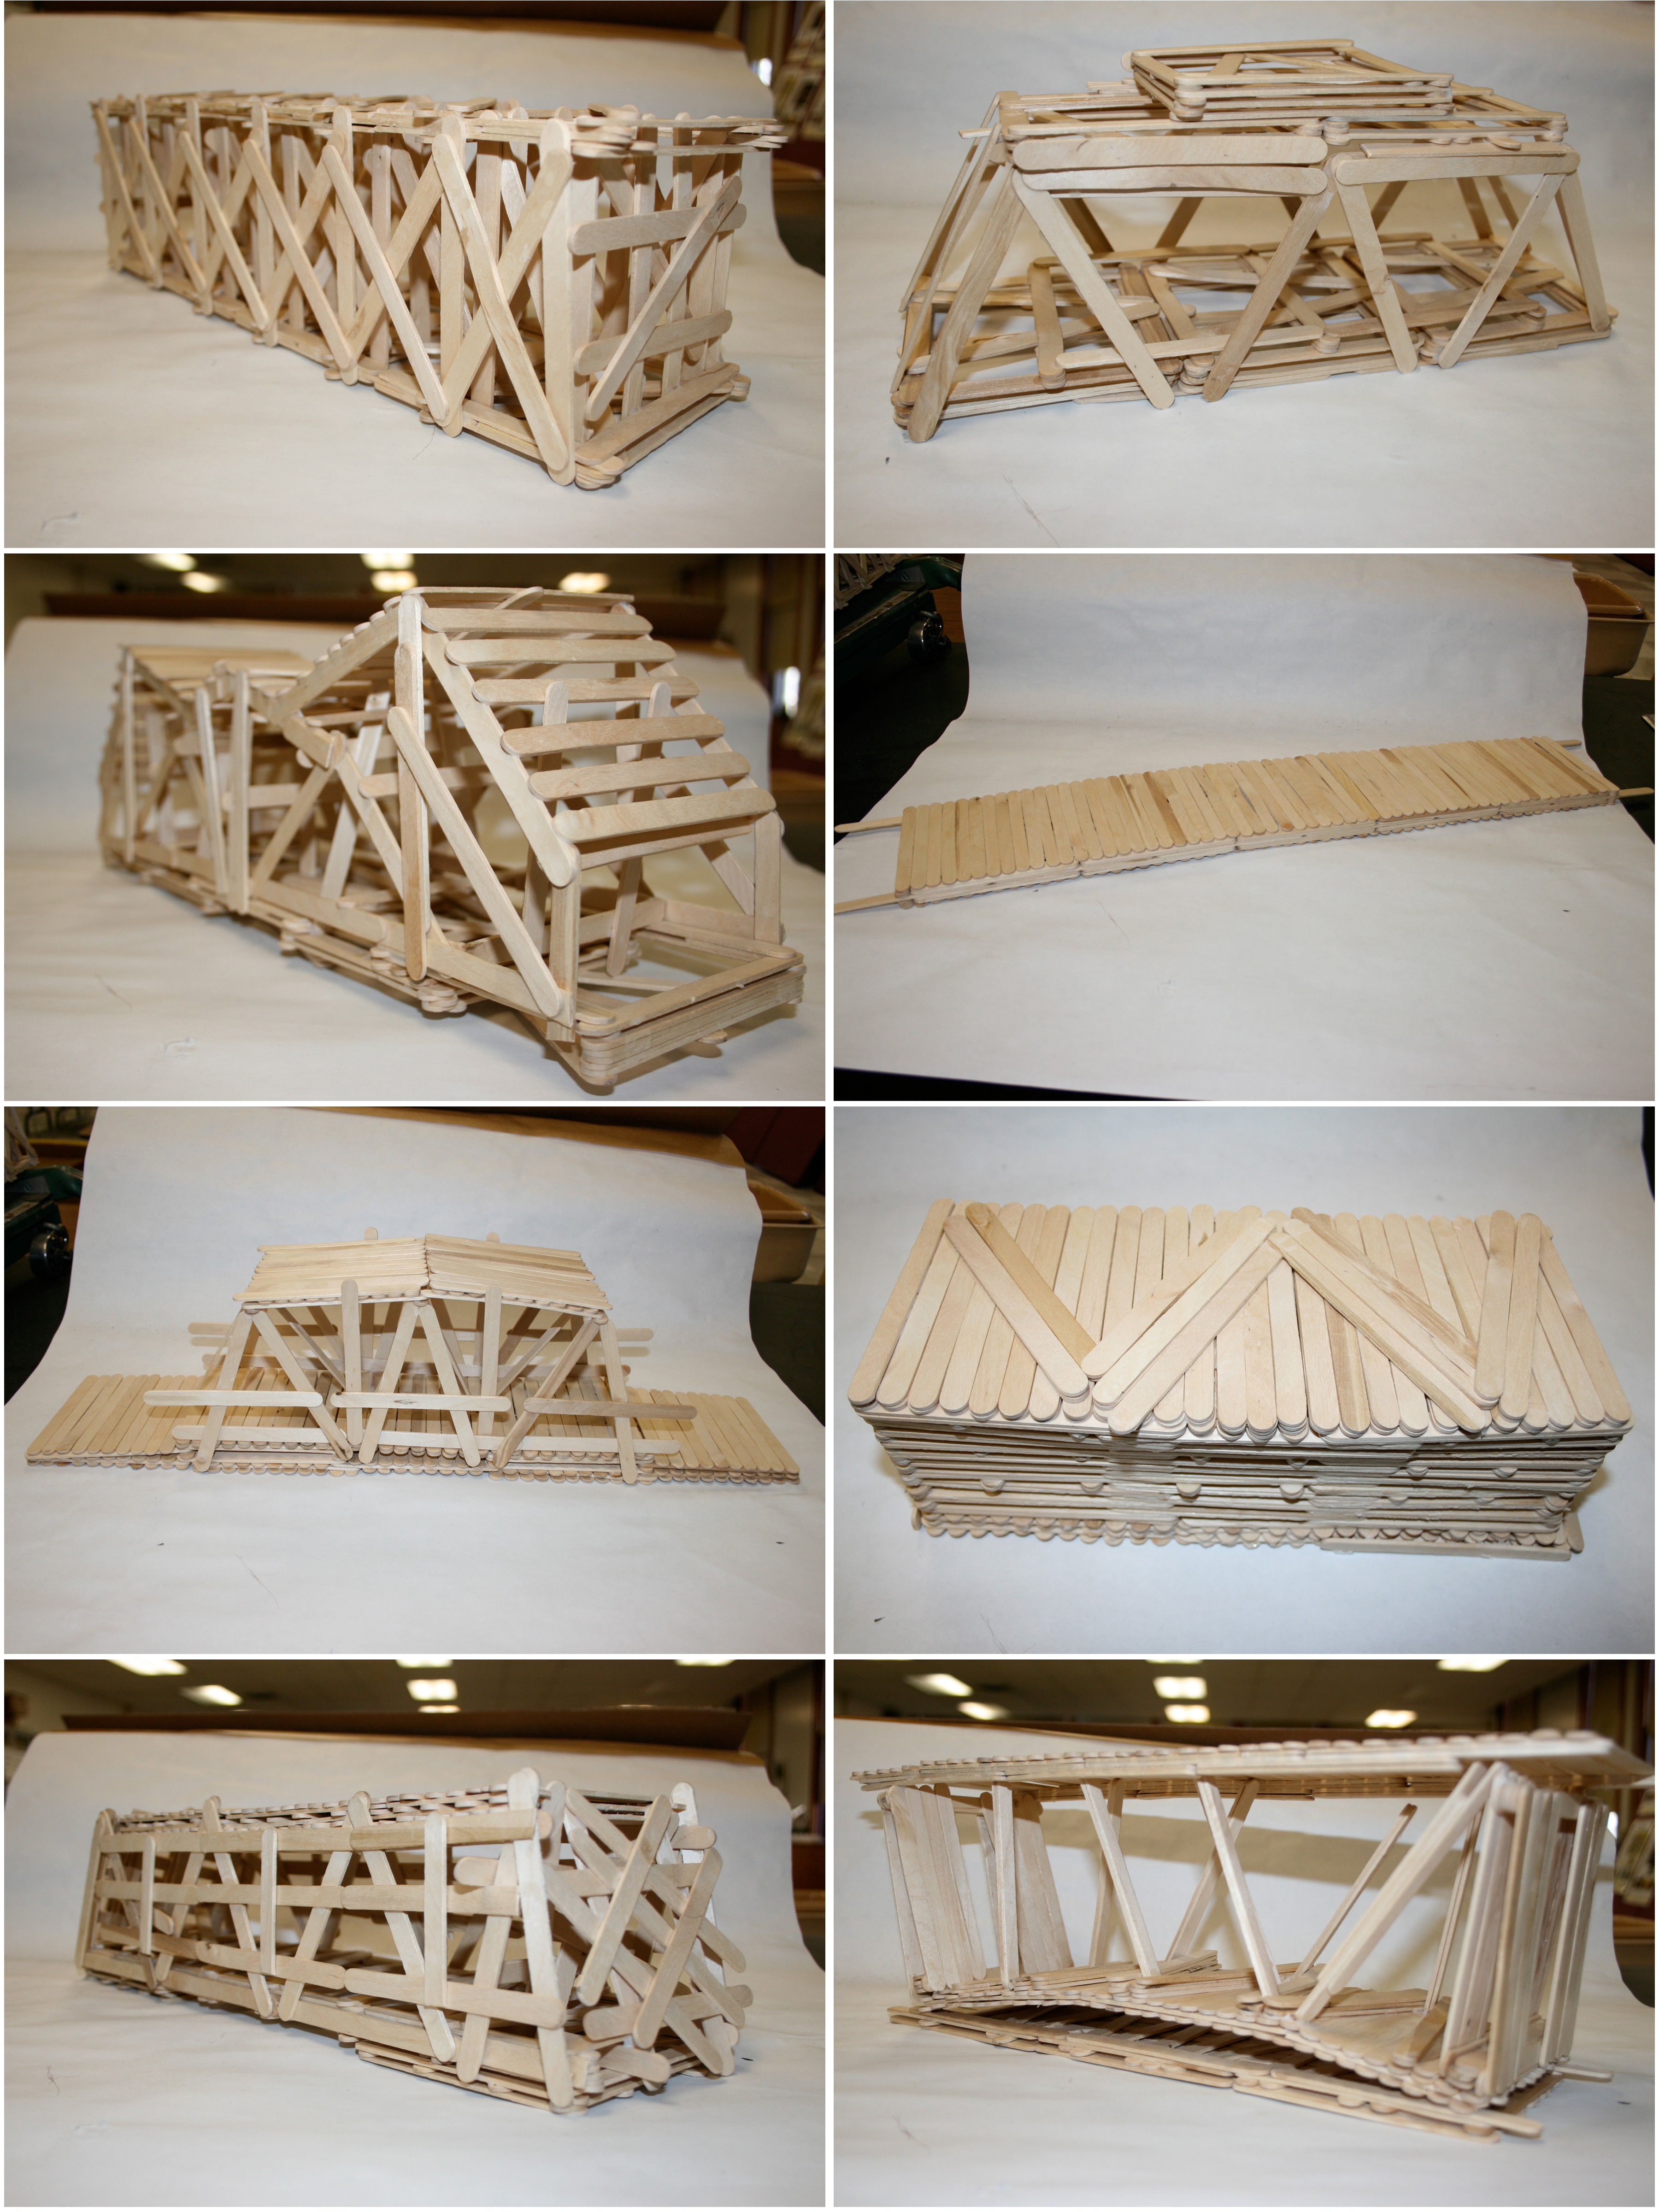 popsicle stick bridge instructions